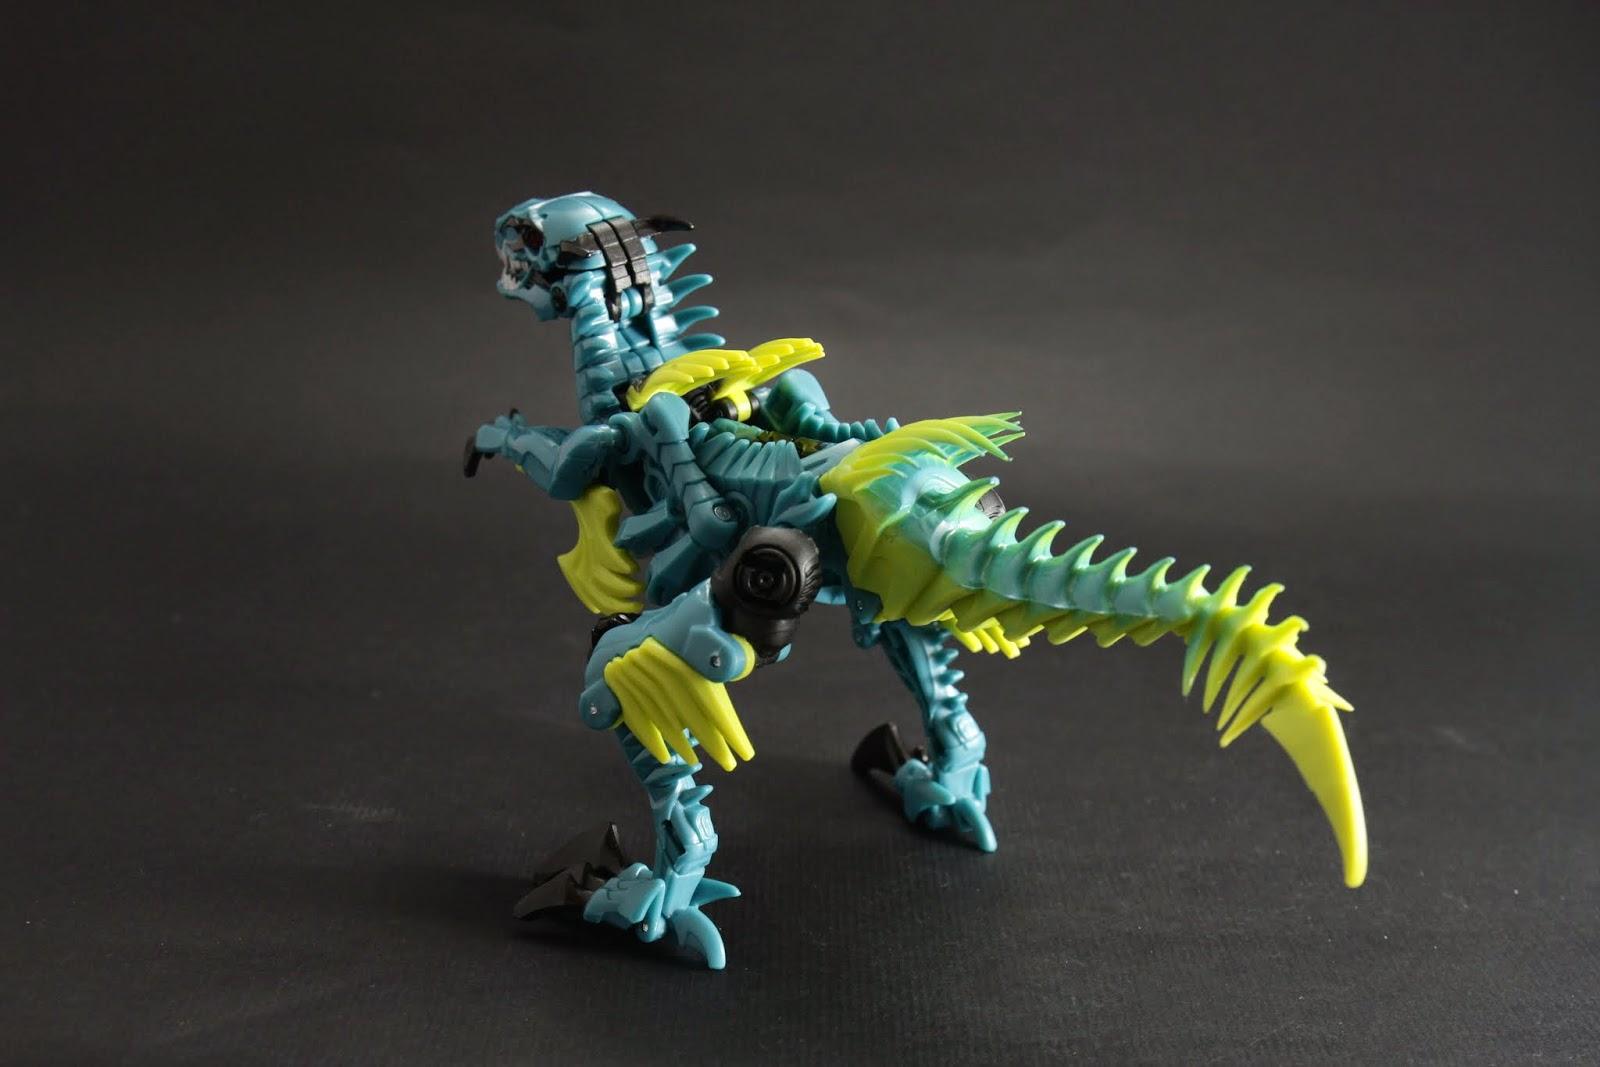 網路上給他的評價不好 在這次電影第四級的玩具裡恐龍金剛算表現不錯的